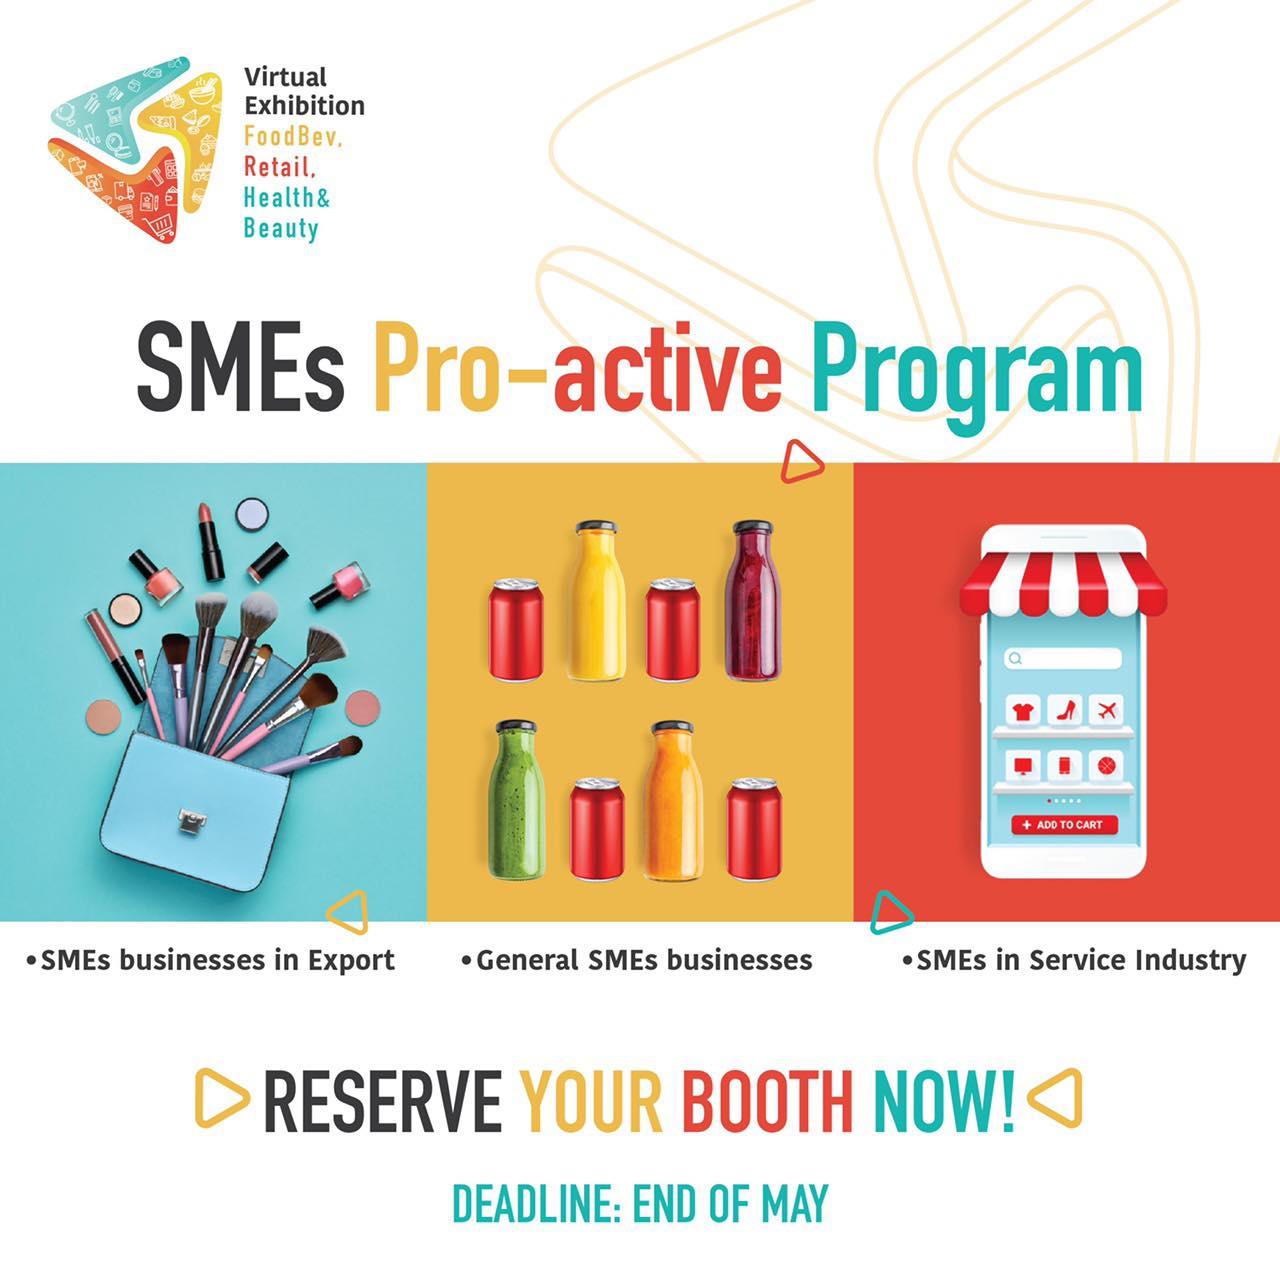 โอกาสดีสำหรับ SMEs กับสิทธิ์สนับสนุนการเข้าร่วมงานแสดงสินค้าออนไลน์ สูงสุดถึง 50,000 บาท กับ SMEs Pro-active !!!!